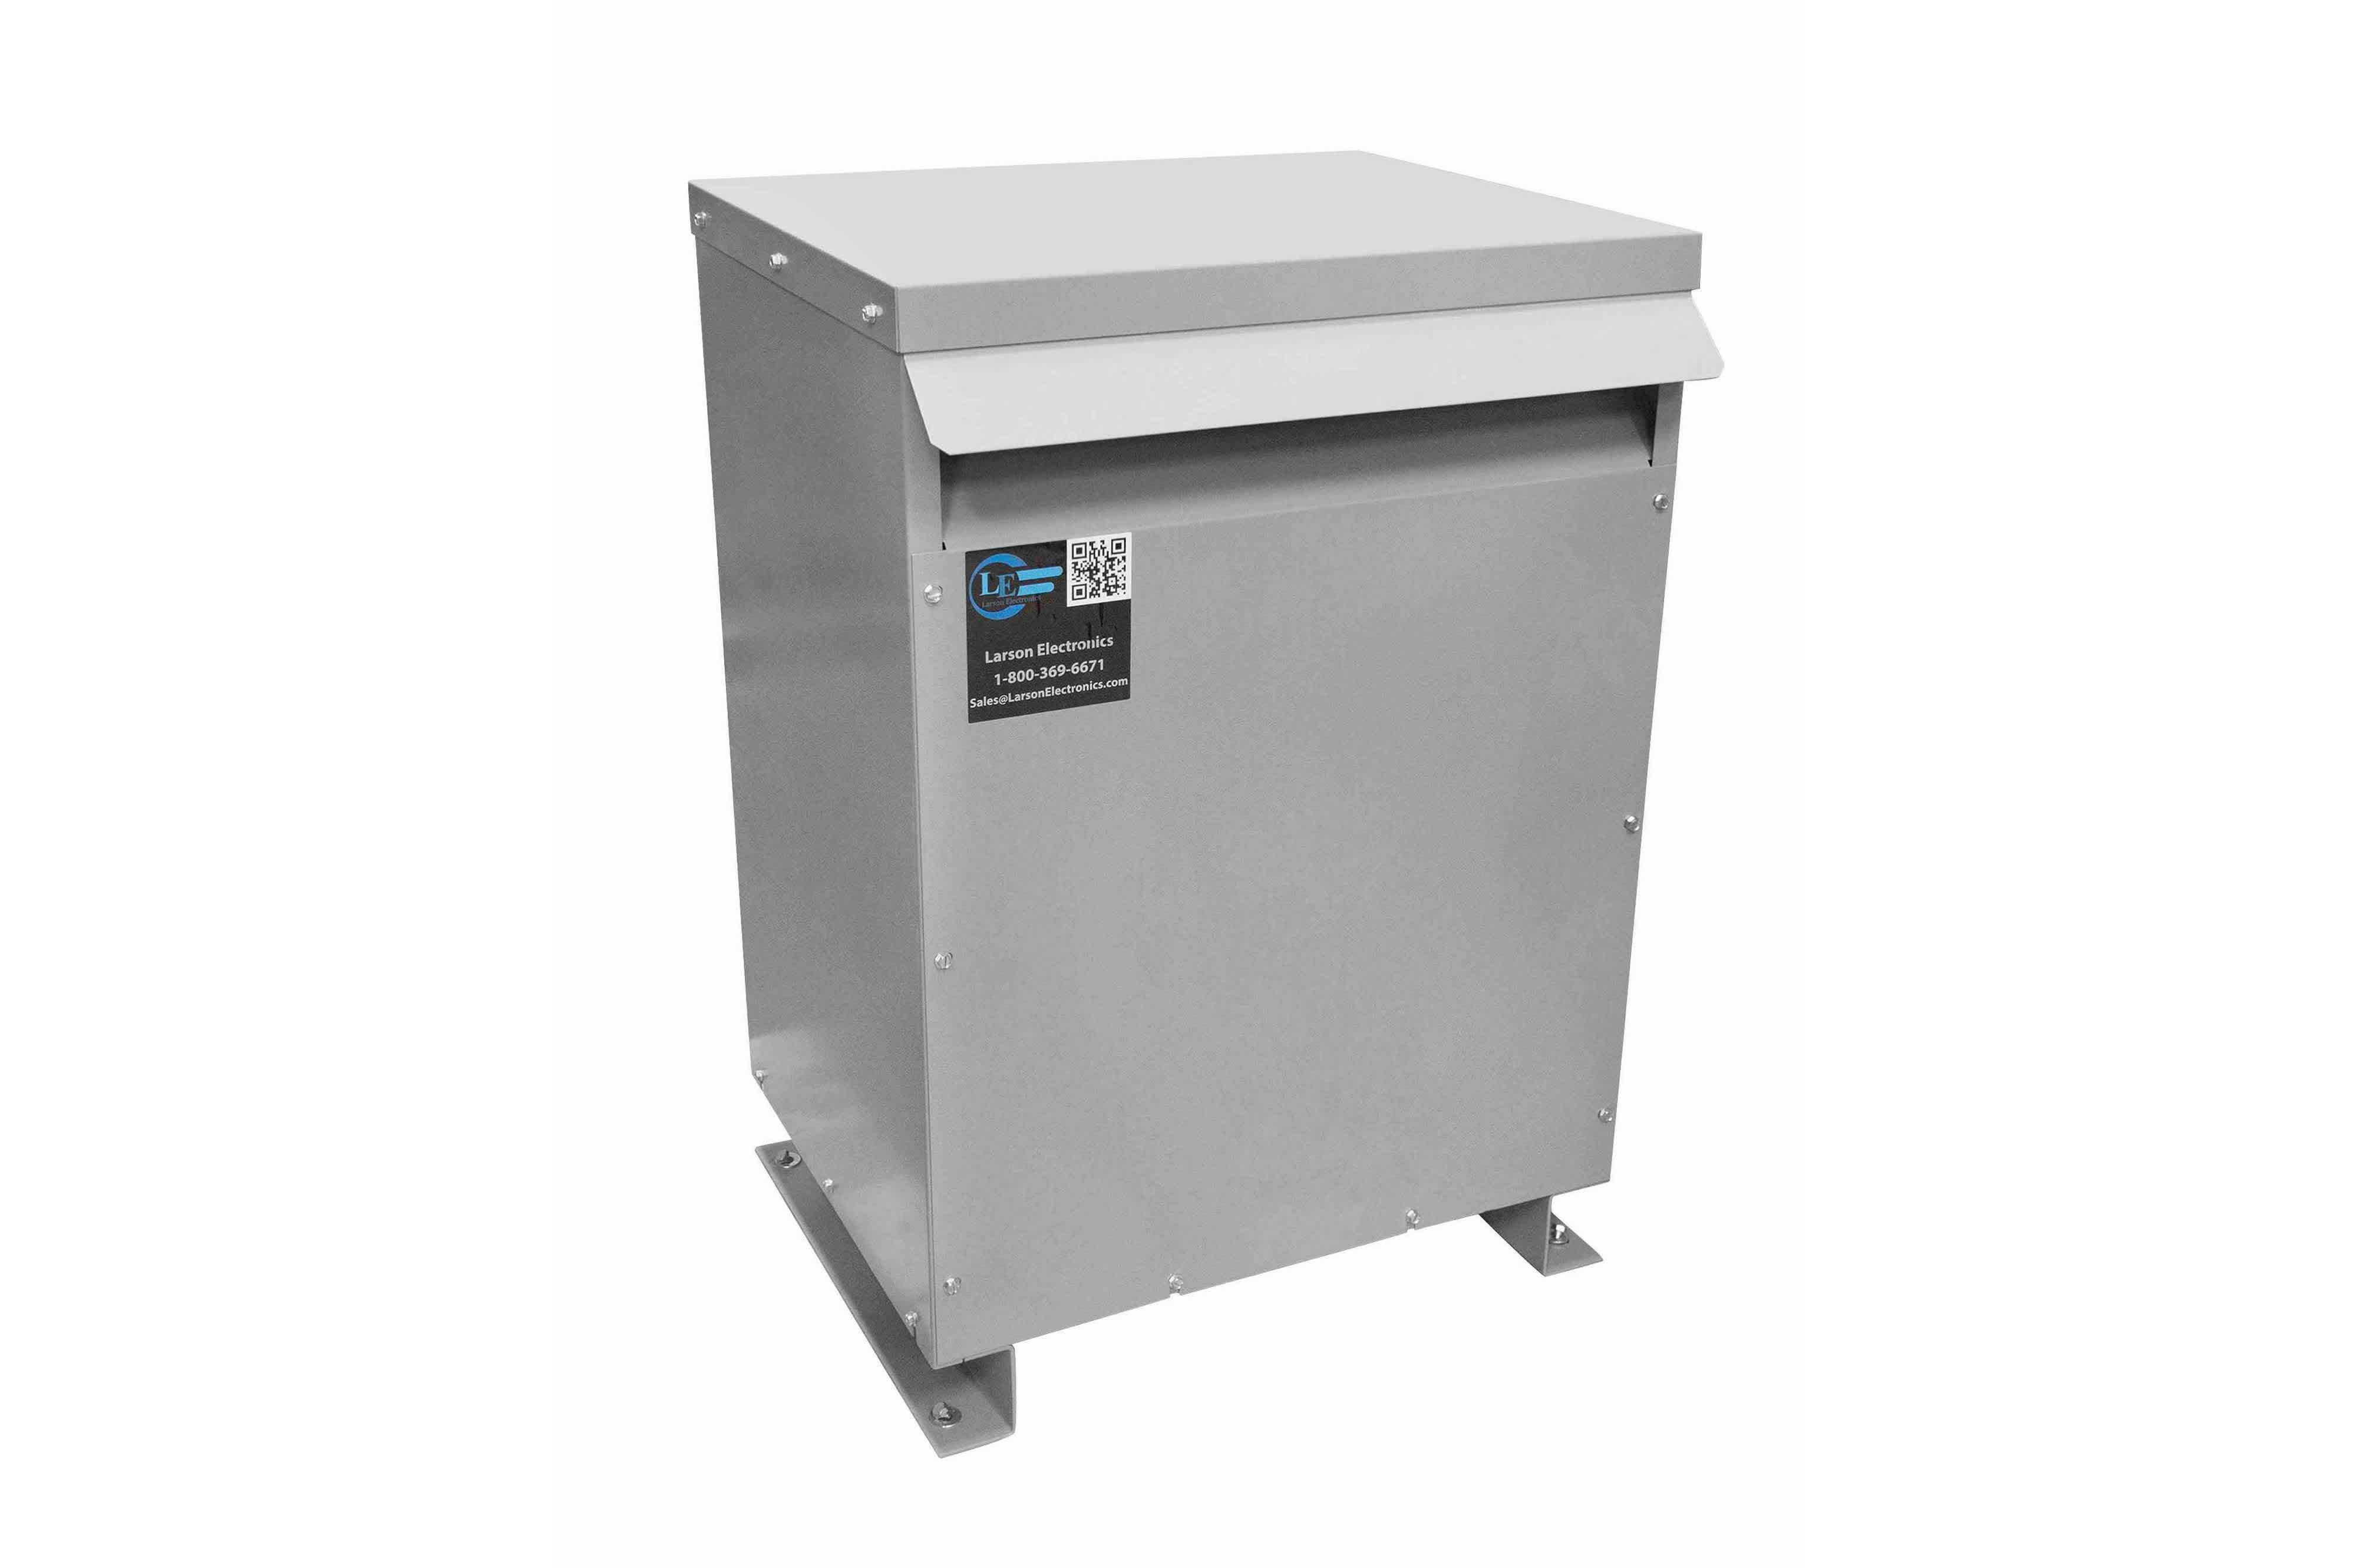 300 kVA 3PH Isolation Transformer, 230V Delta Primary, 480V Delta Secondary, N3R, Ventilated, 60 Hz